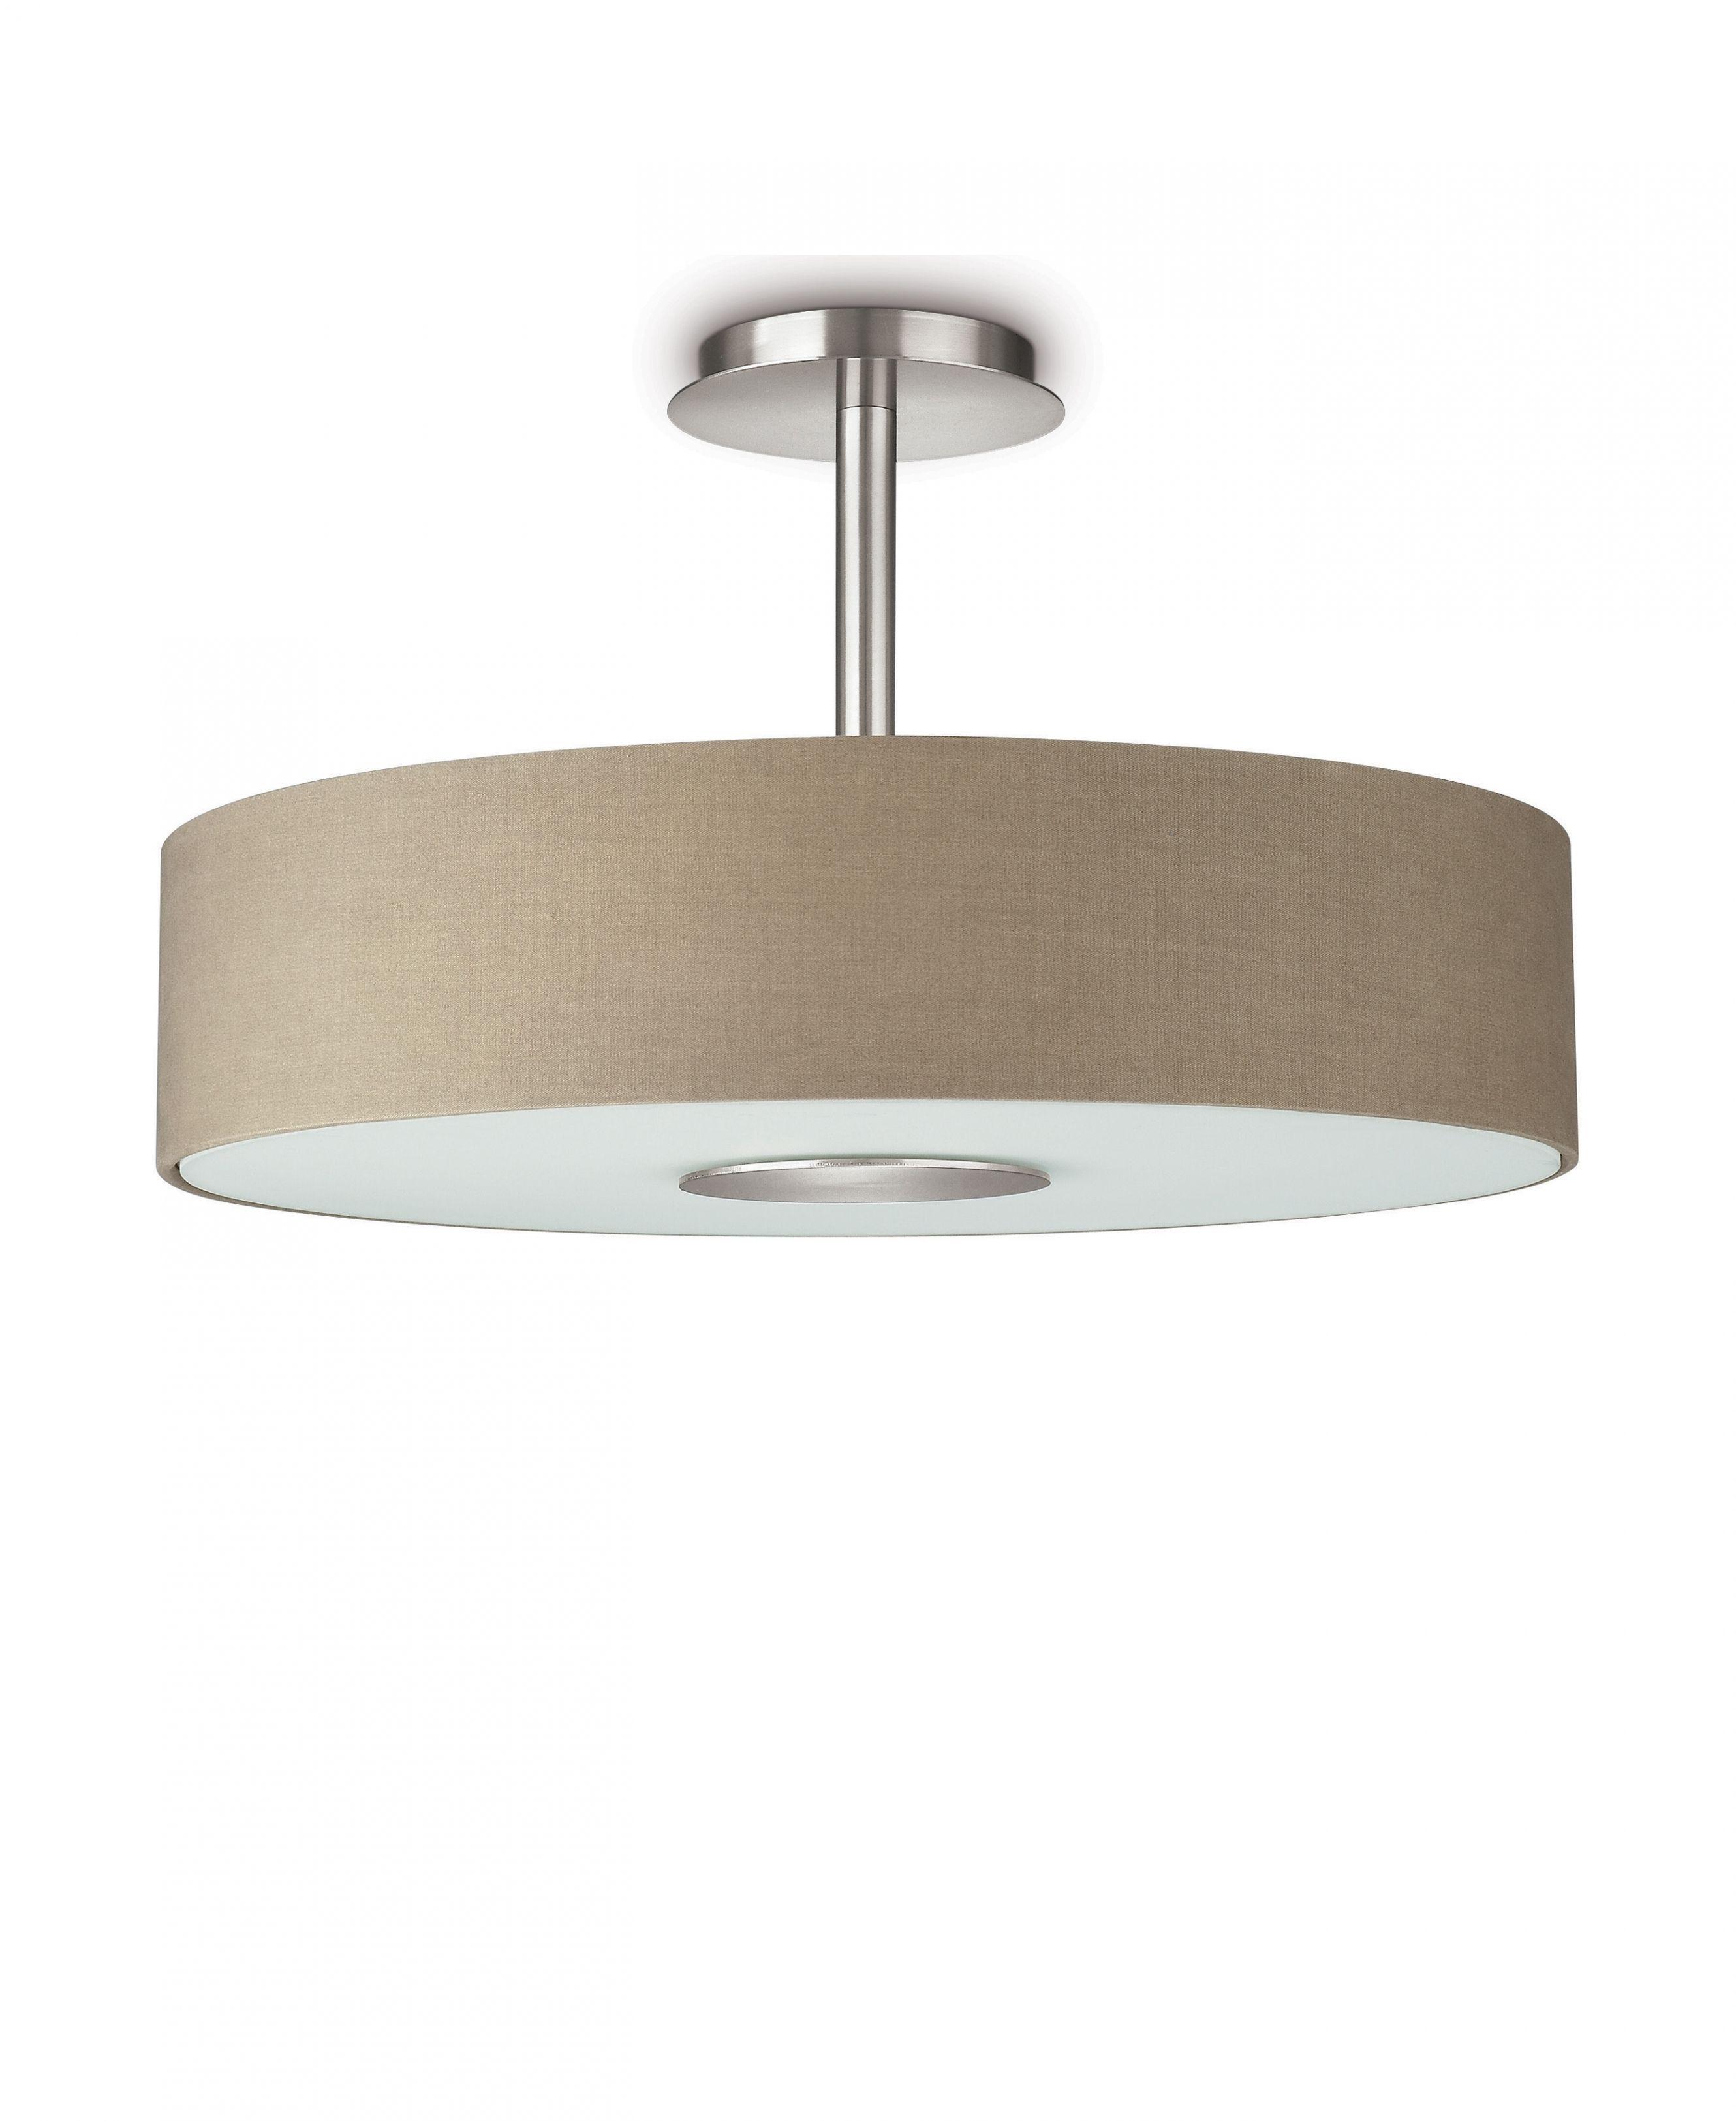 Ehrfürchtig Wohnzimmerlampen Obi | Wohnzimmer Lampen | Pinterest